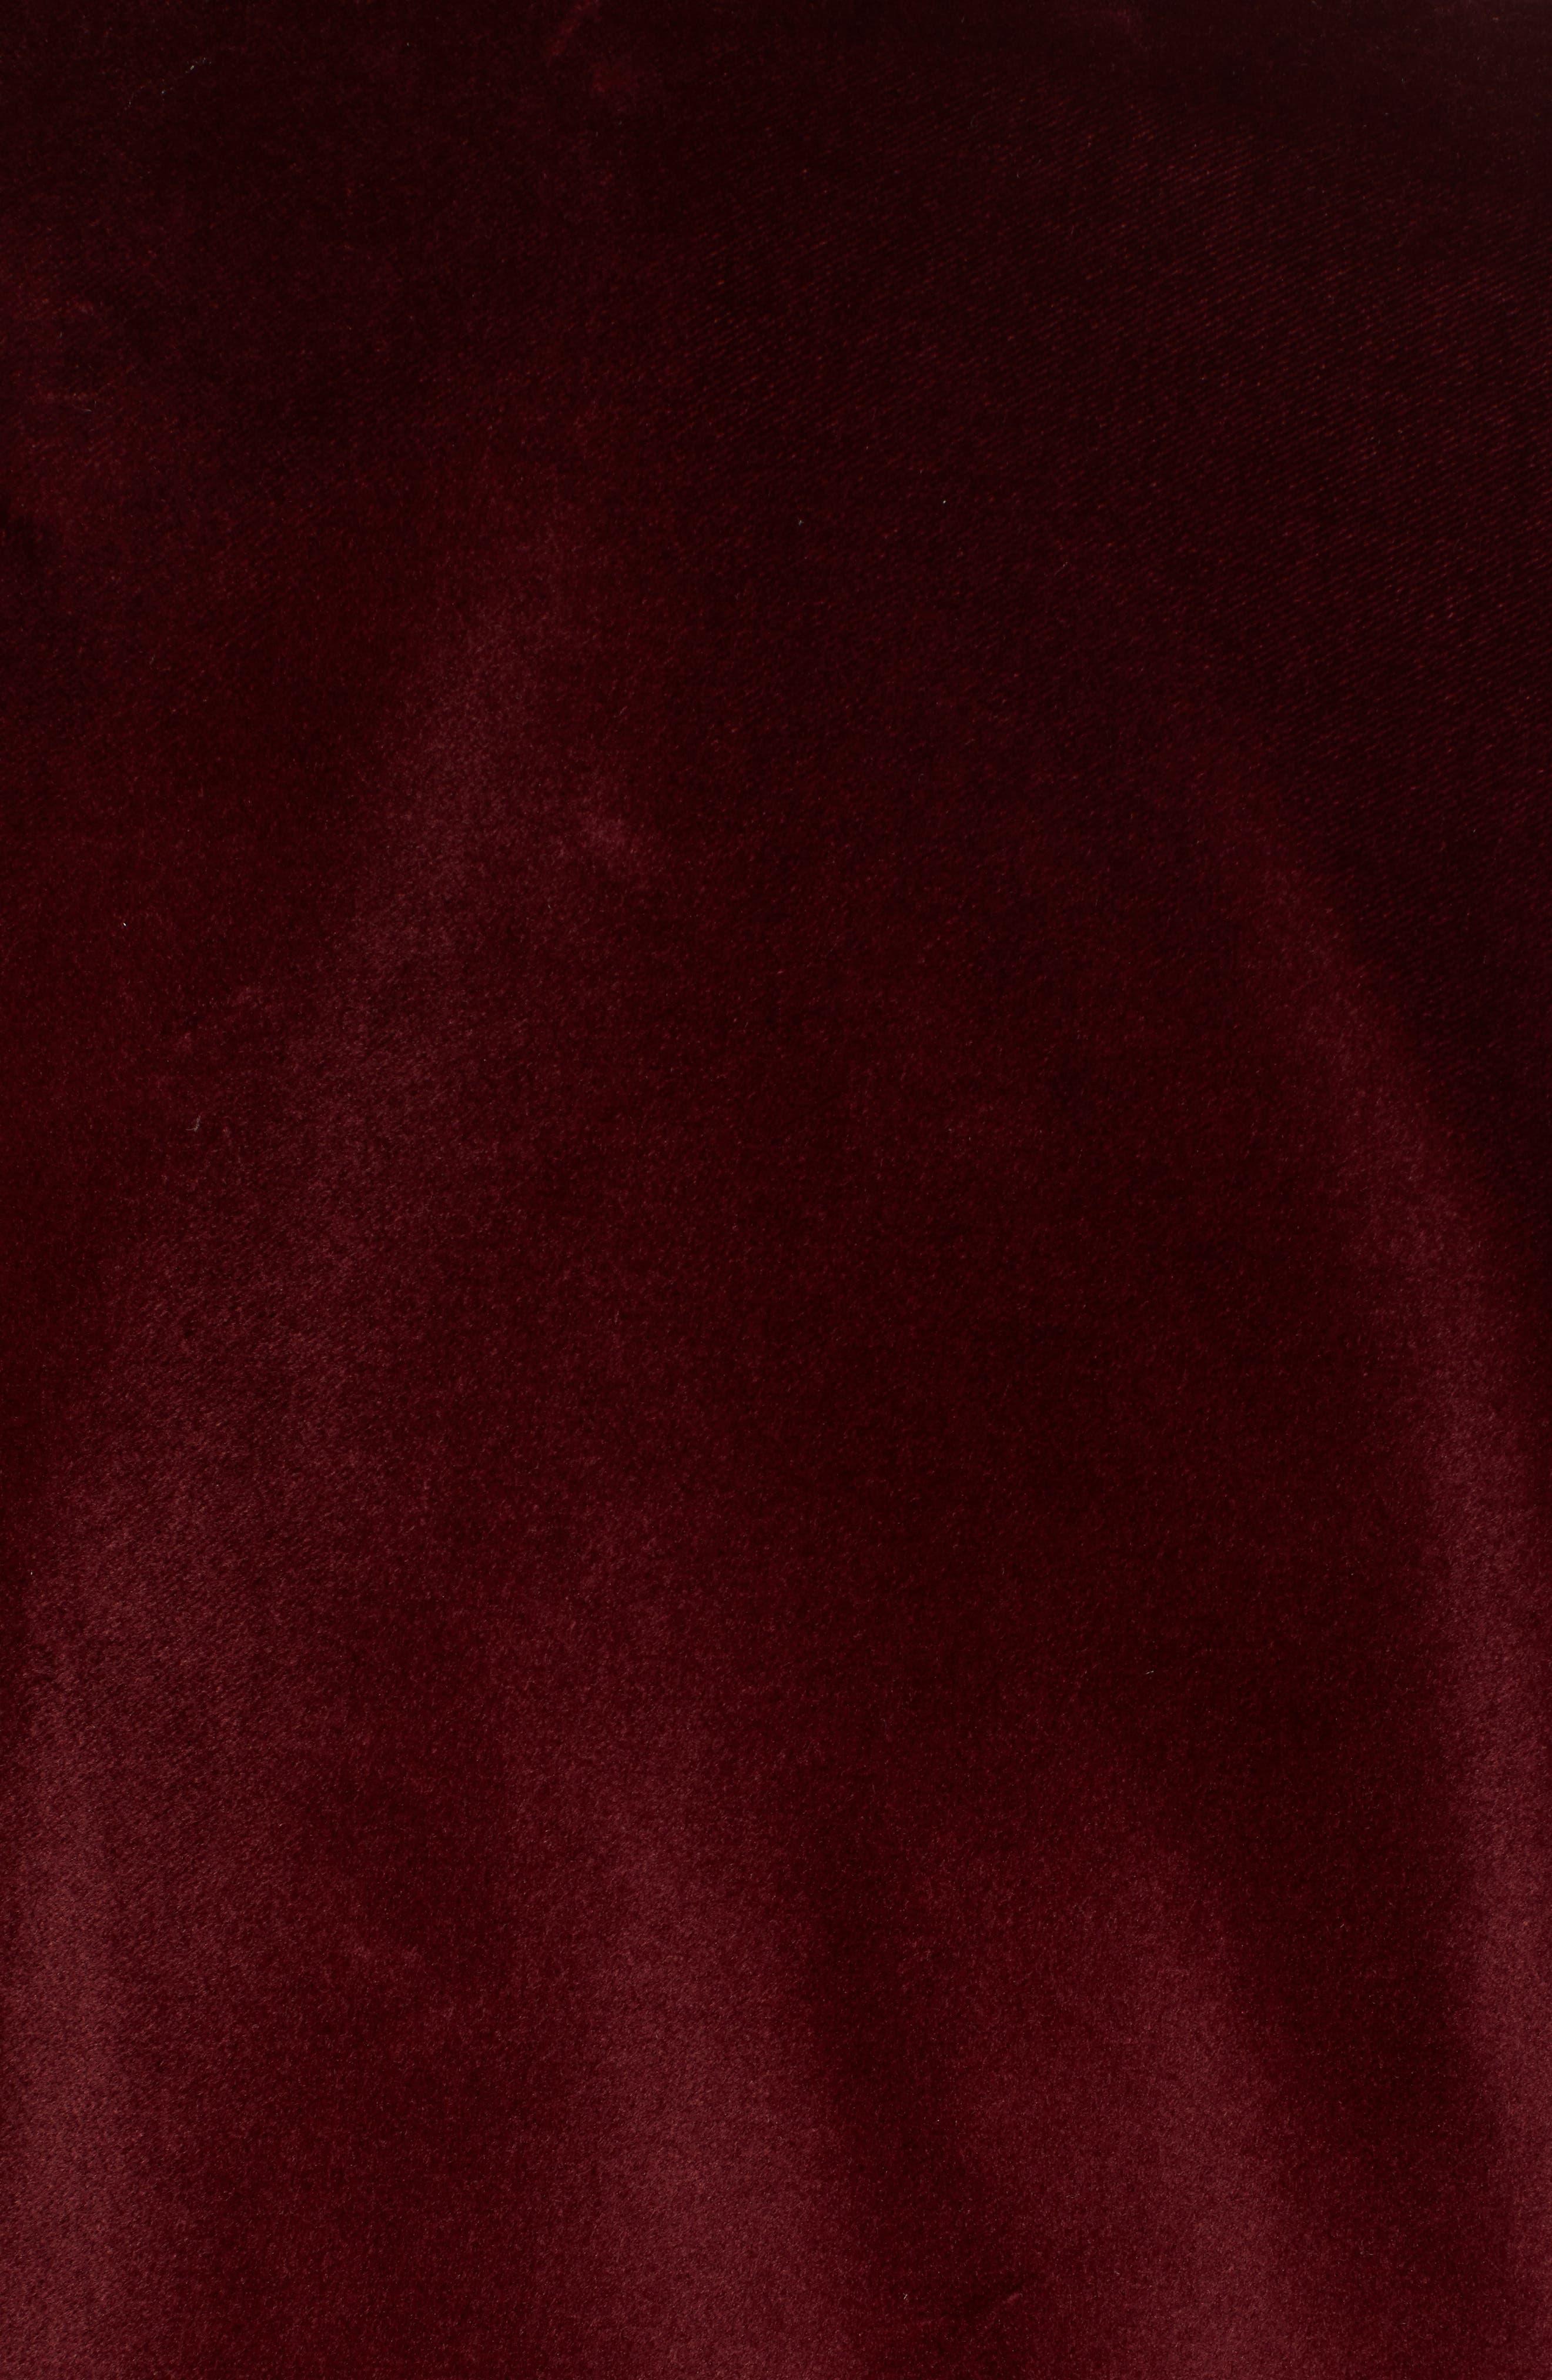 Hockley Slim Fit Velvet Cotton Dinner Jacket,                             Alternate thumbnail 5, color,                             DARK PURPLE